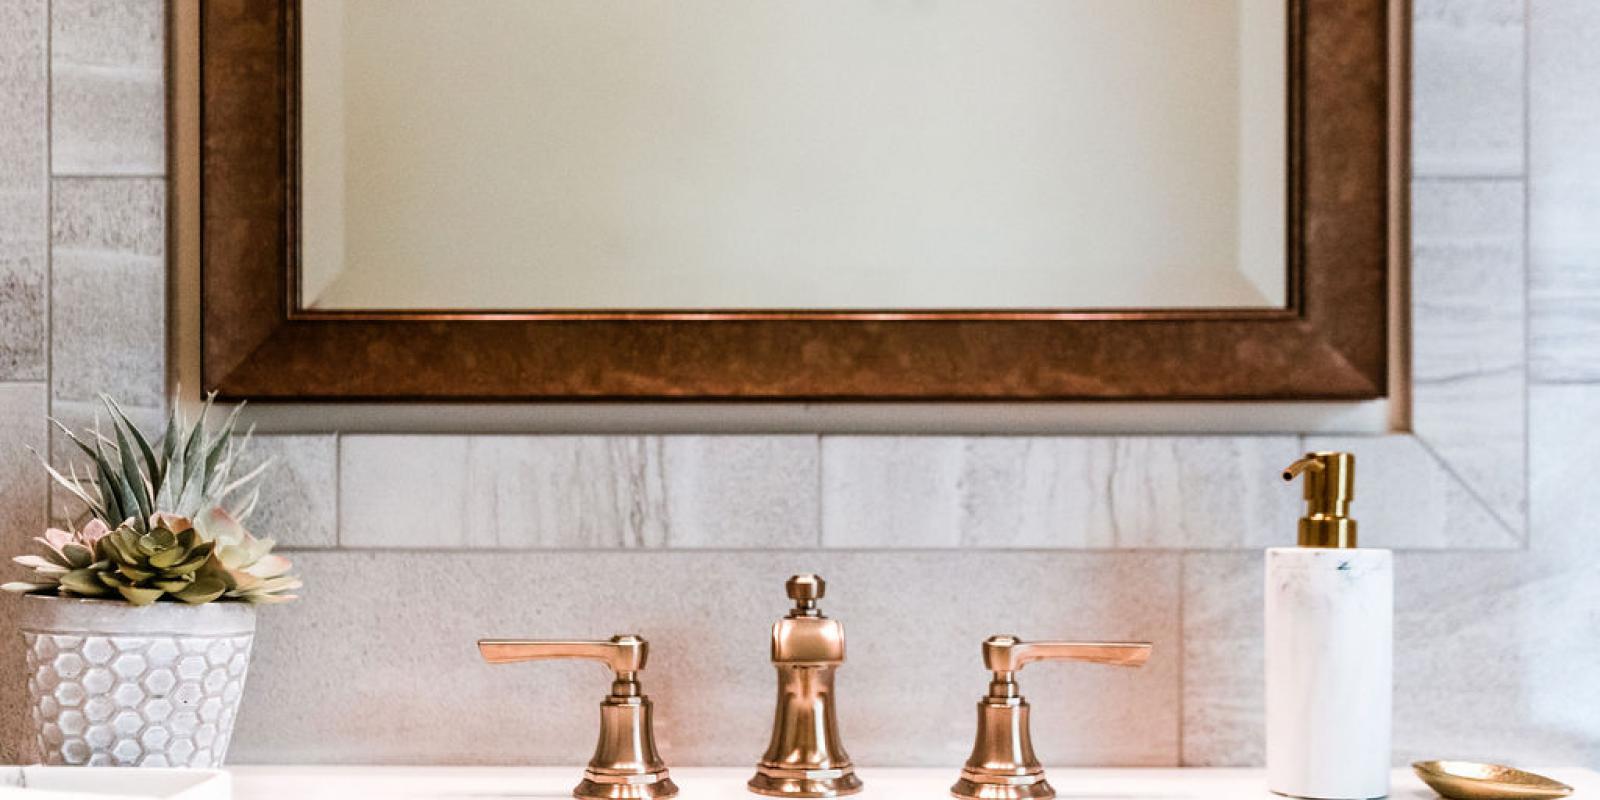 Modern, stylish bathrooms